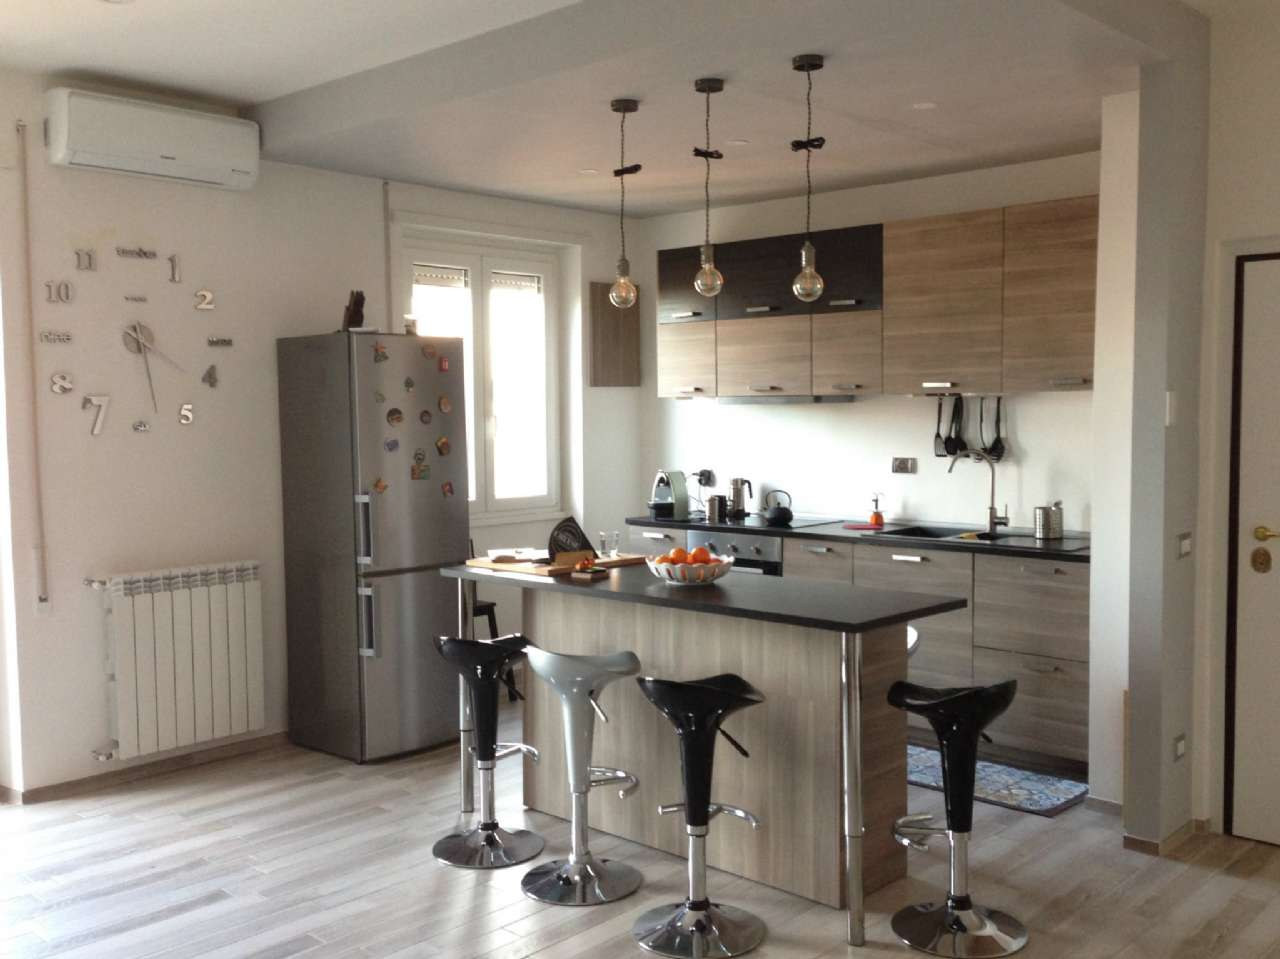 Appartamento in vendita a Roma, 3 locali, zona Zona: 12 . Cinecittà,Don Bosco, Lucrezia Romana, prezzo € 248.000 | CambioCasa.it